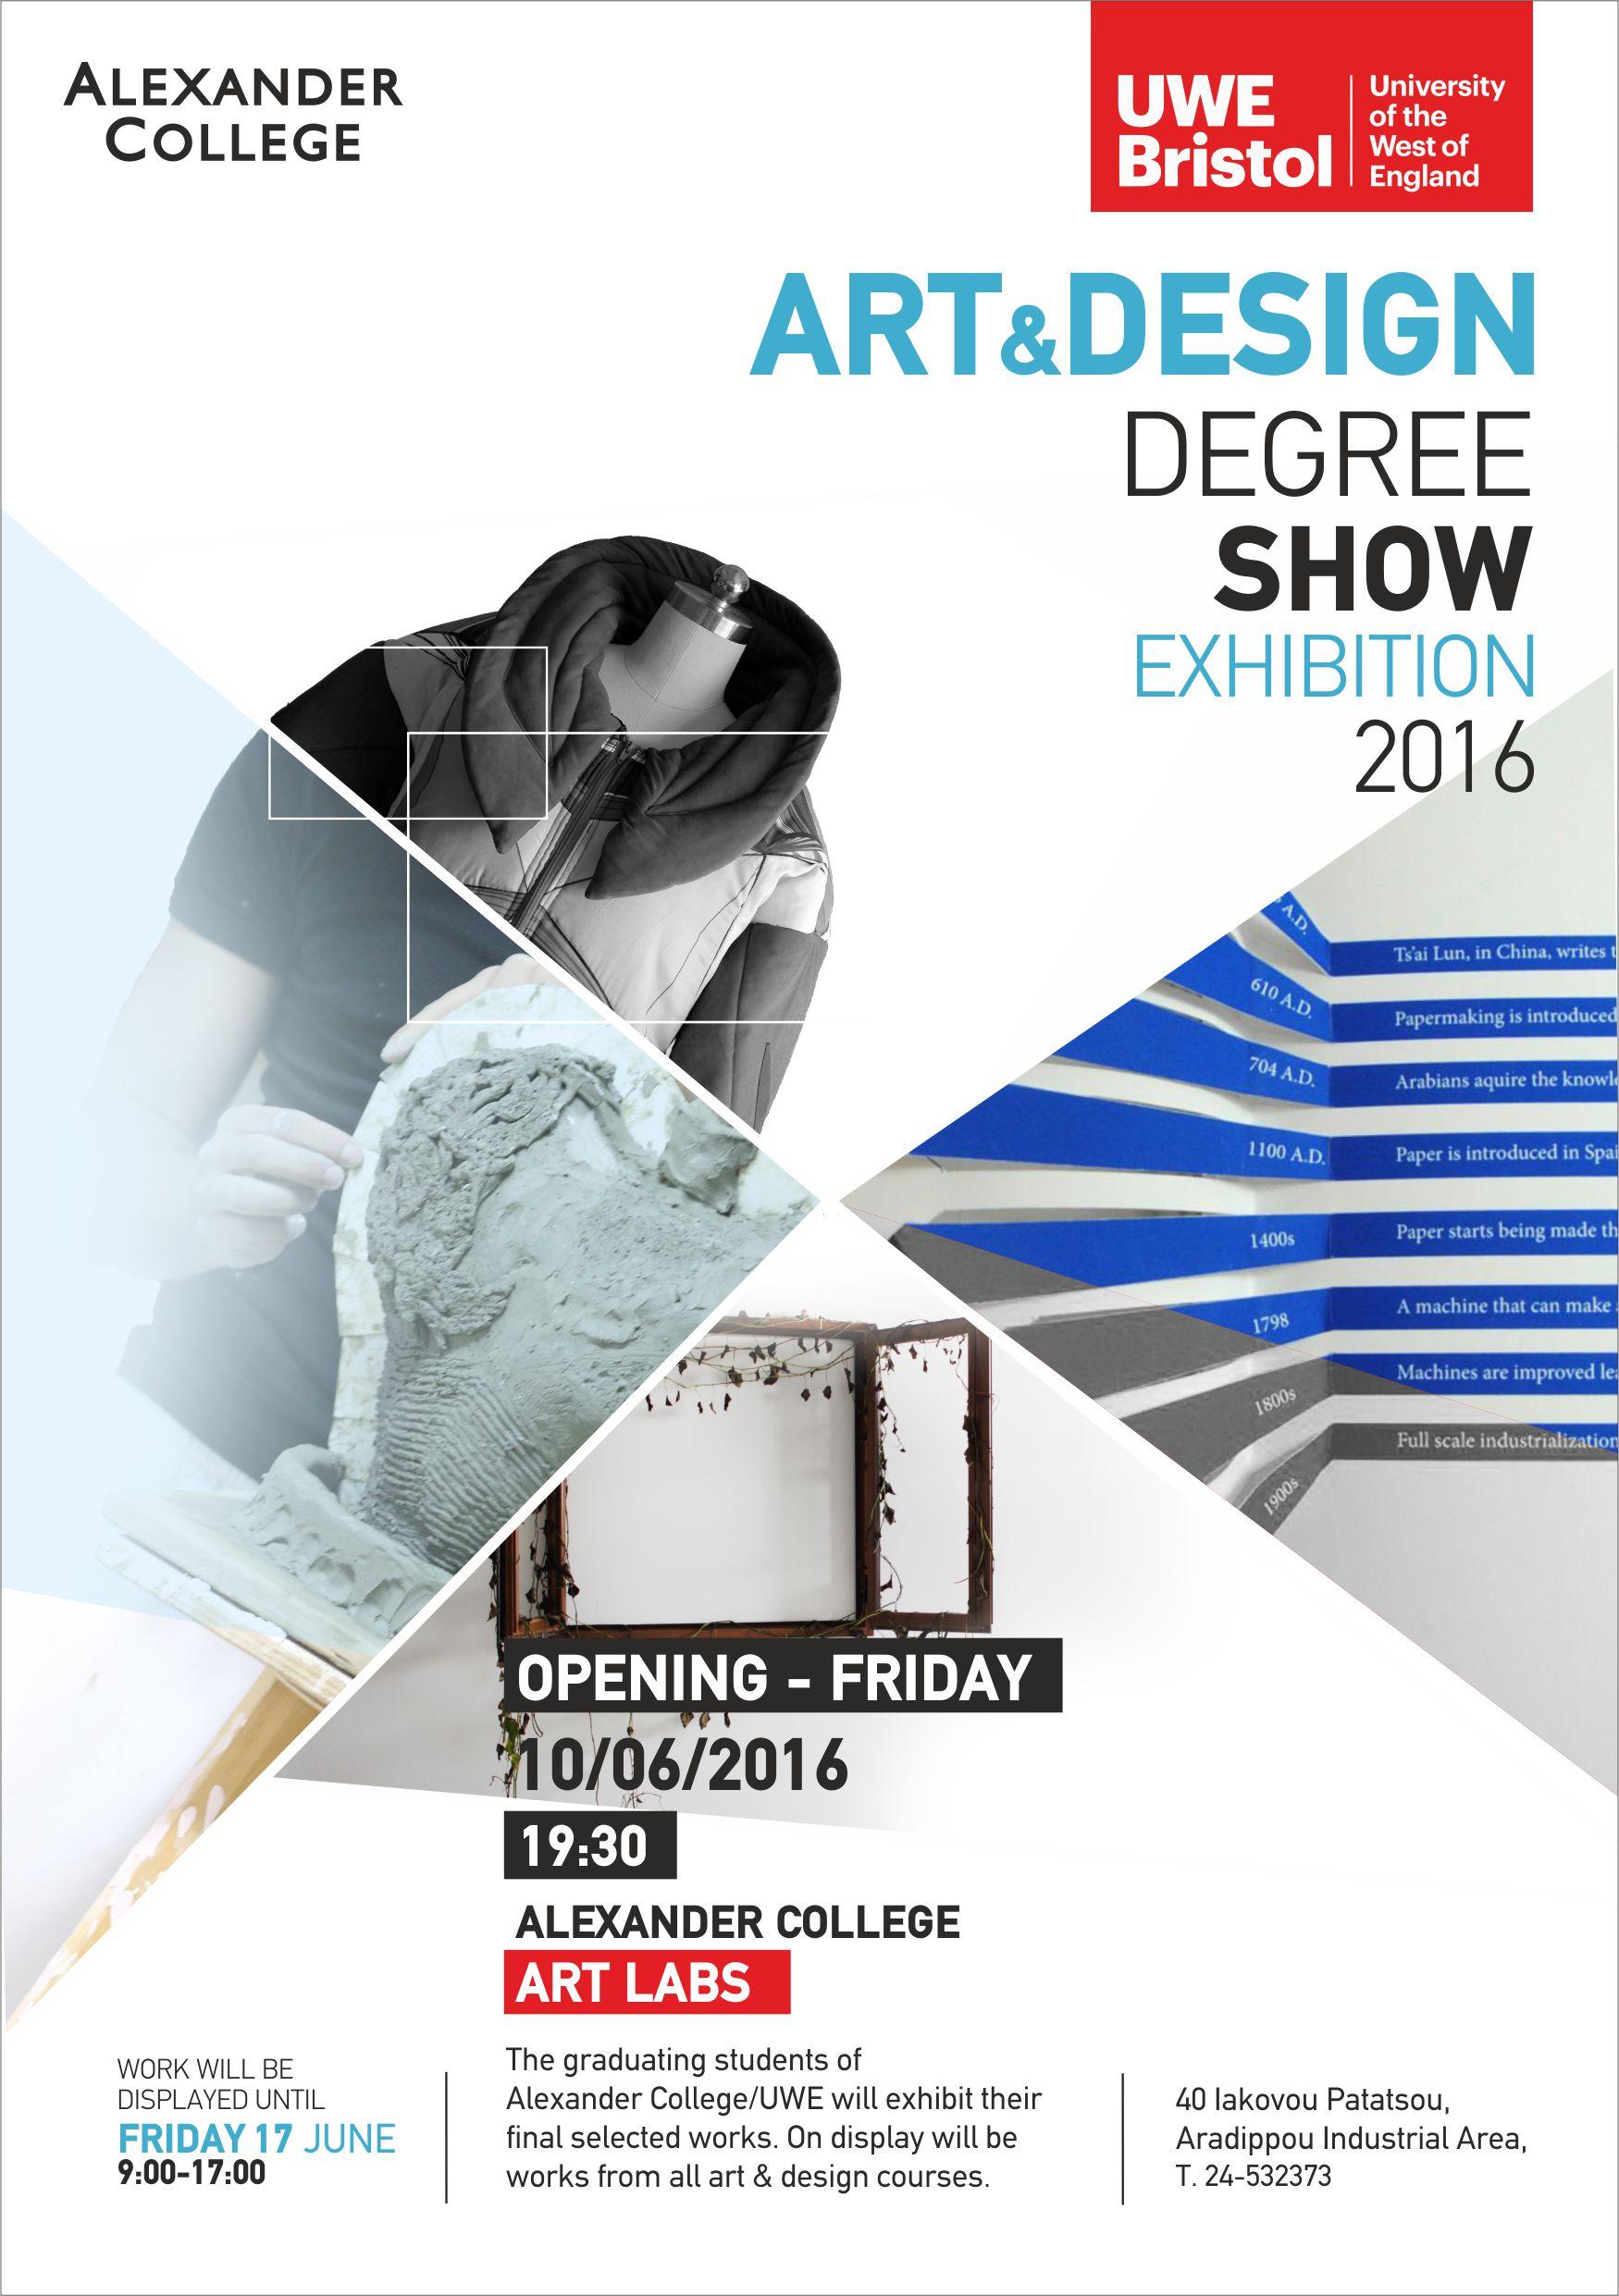 Art Design Degree Show Exhibition From Alexander College UWE